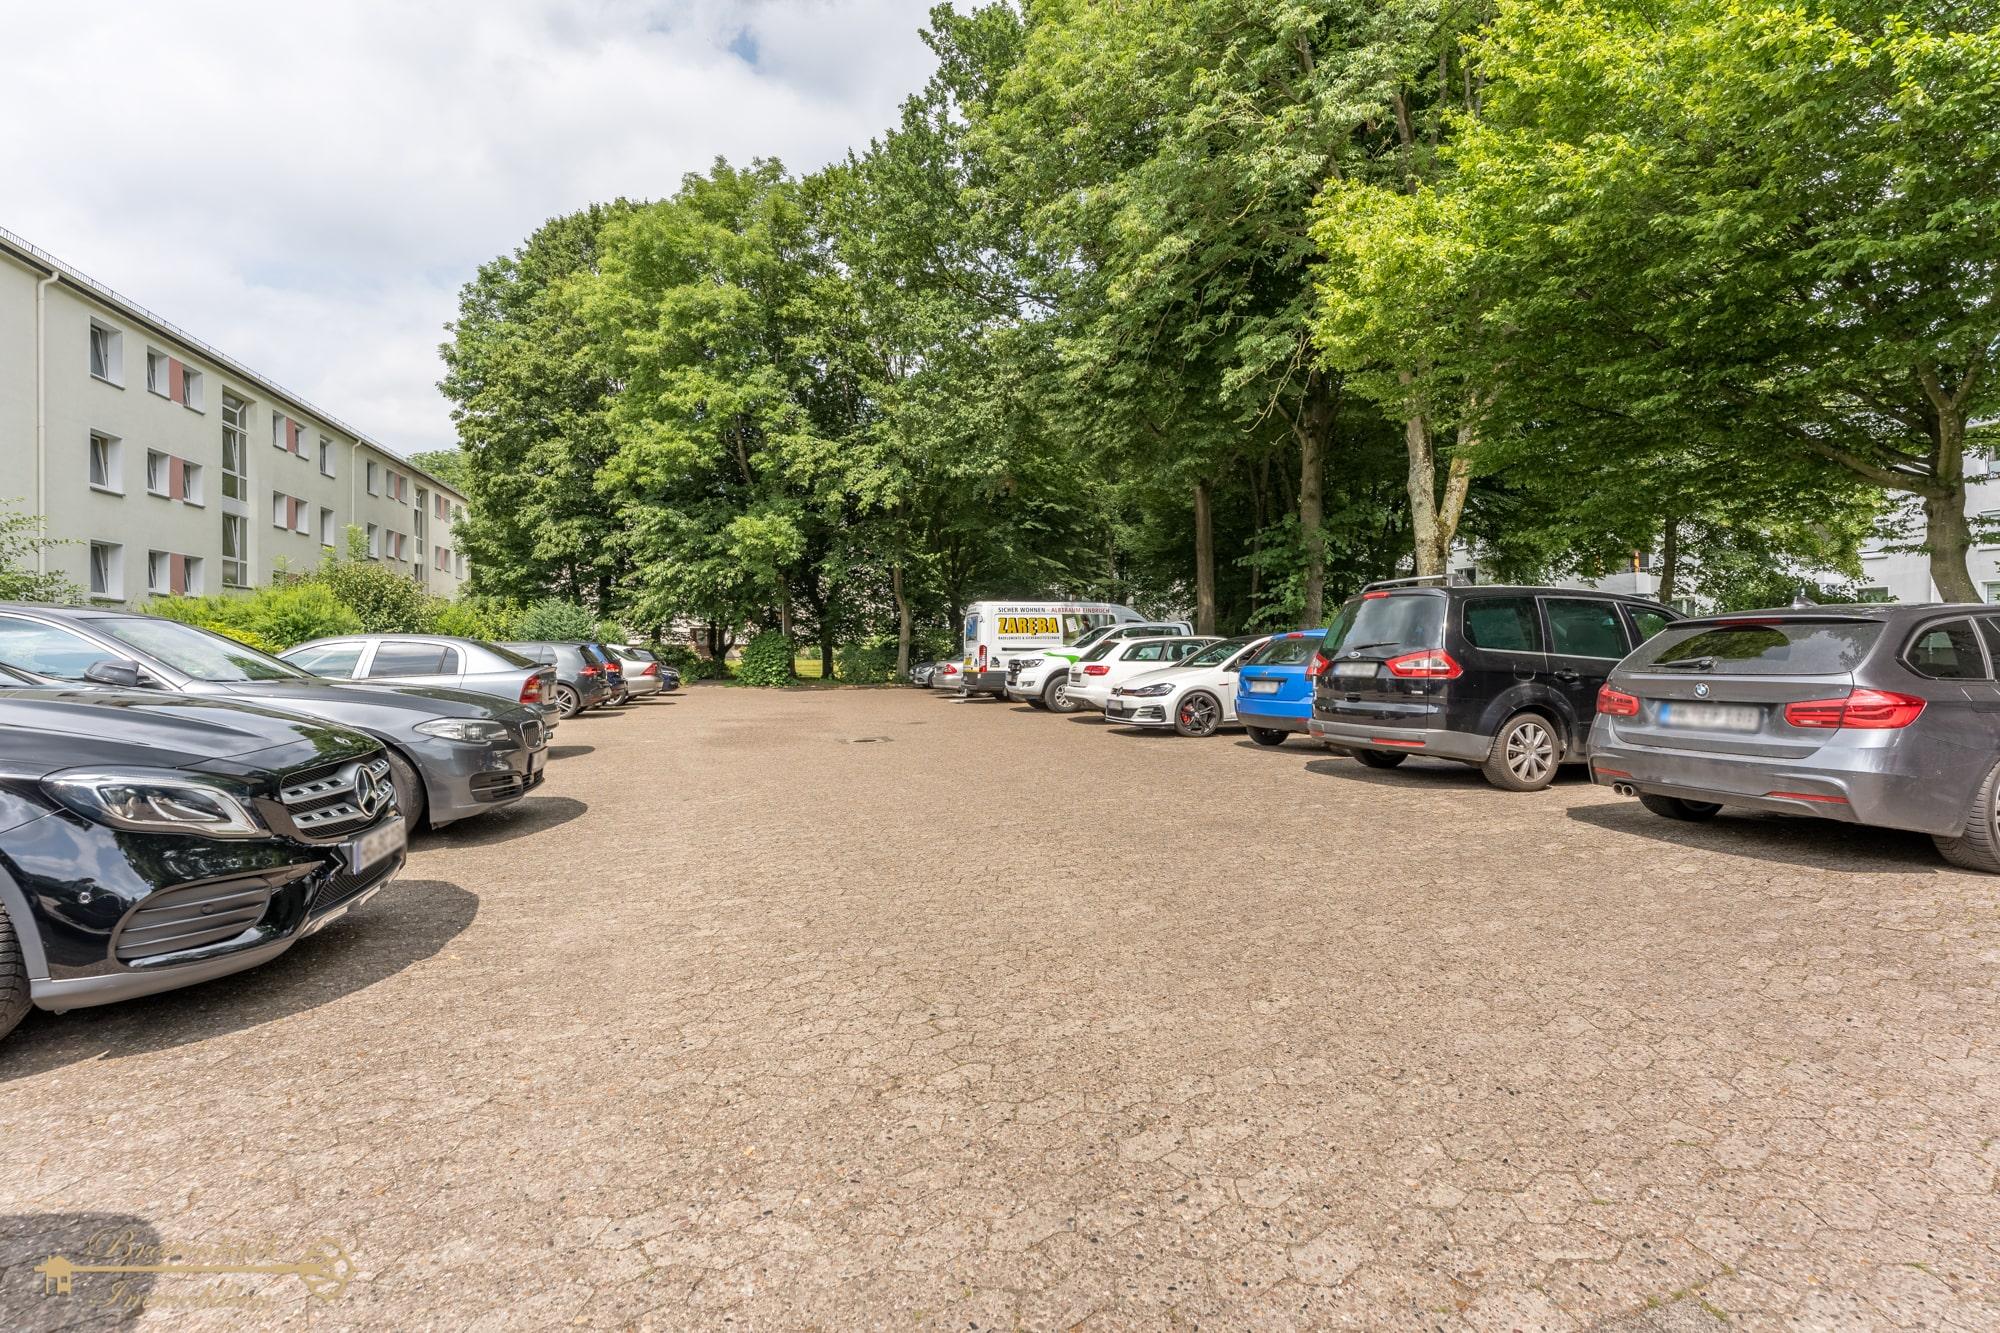 2021-07-10-Breitenbach-Immobilien-Makler-Bremen-6-min